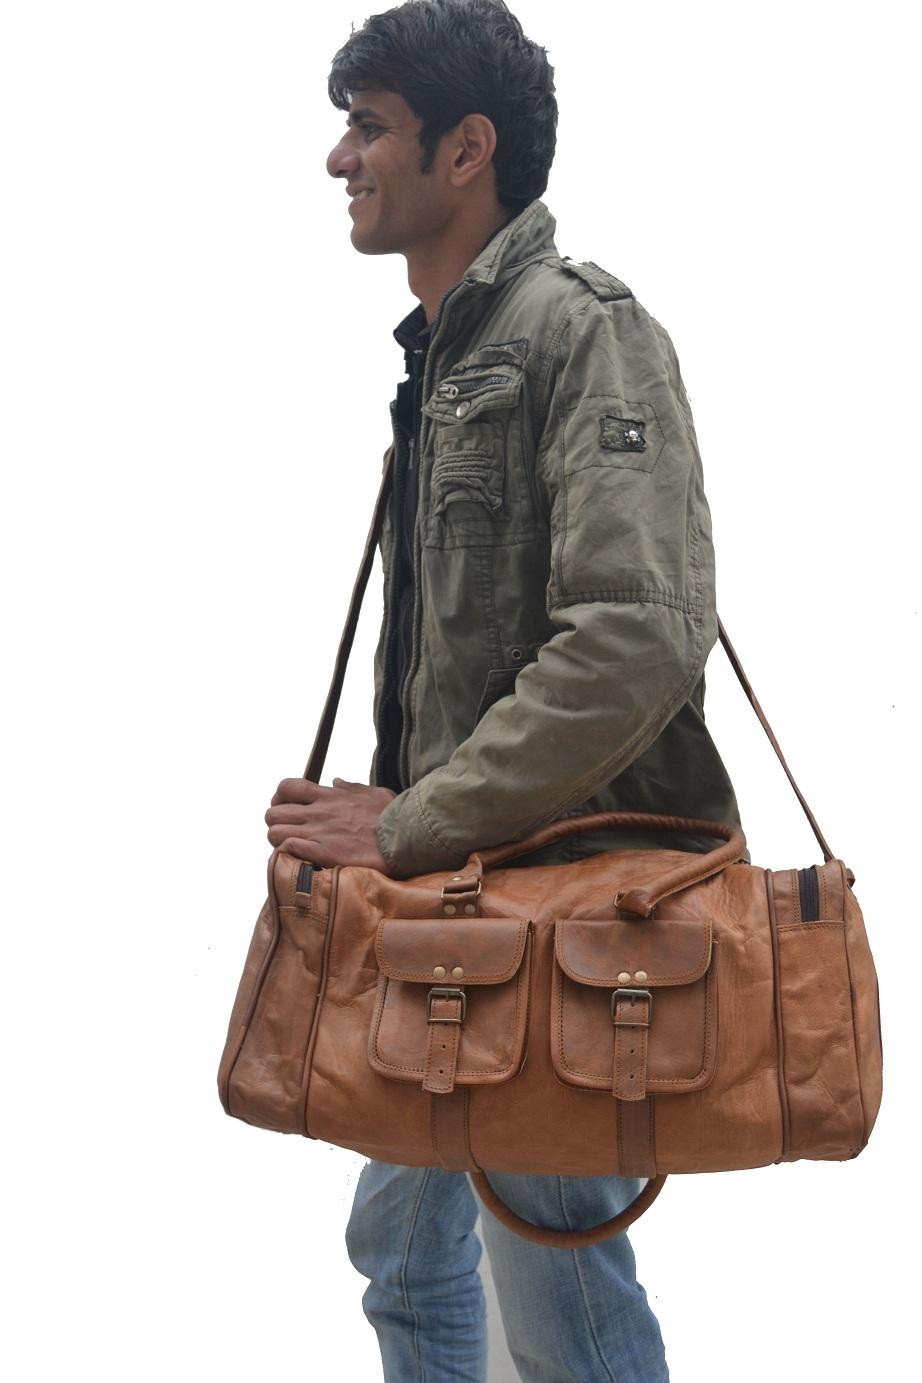 18″ Inch Travel bag e4f8e183899d2